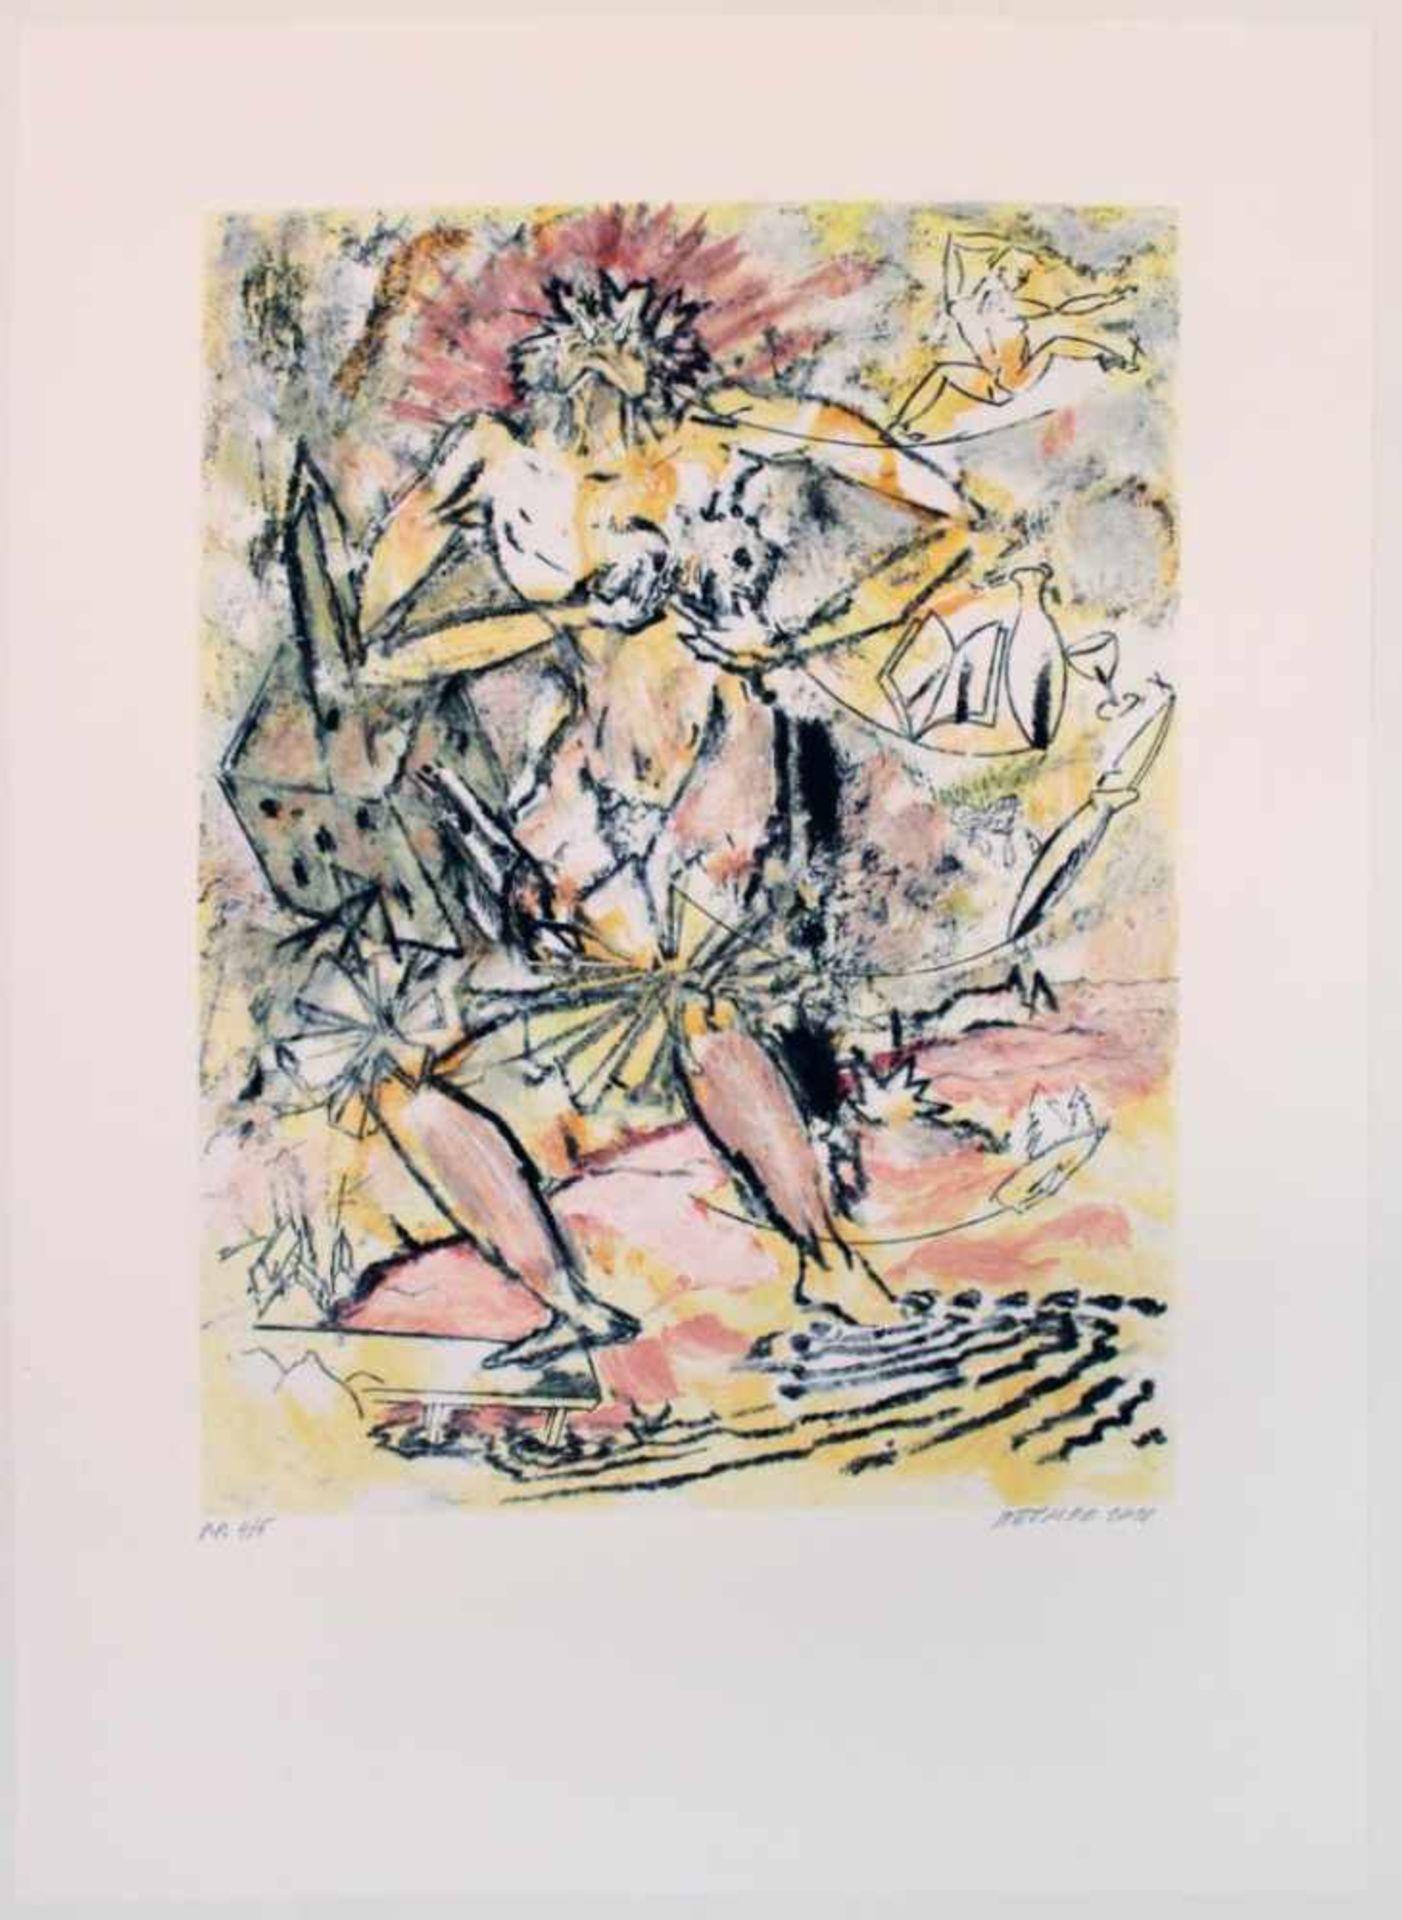 Attersee Christian Ludwig (geb. 1940) Ohne Titel 2010 Farblithographie handsigniert und nummeriert